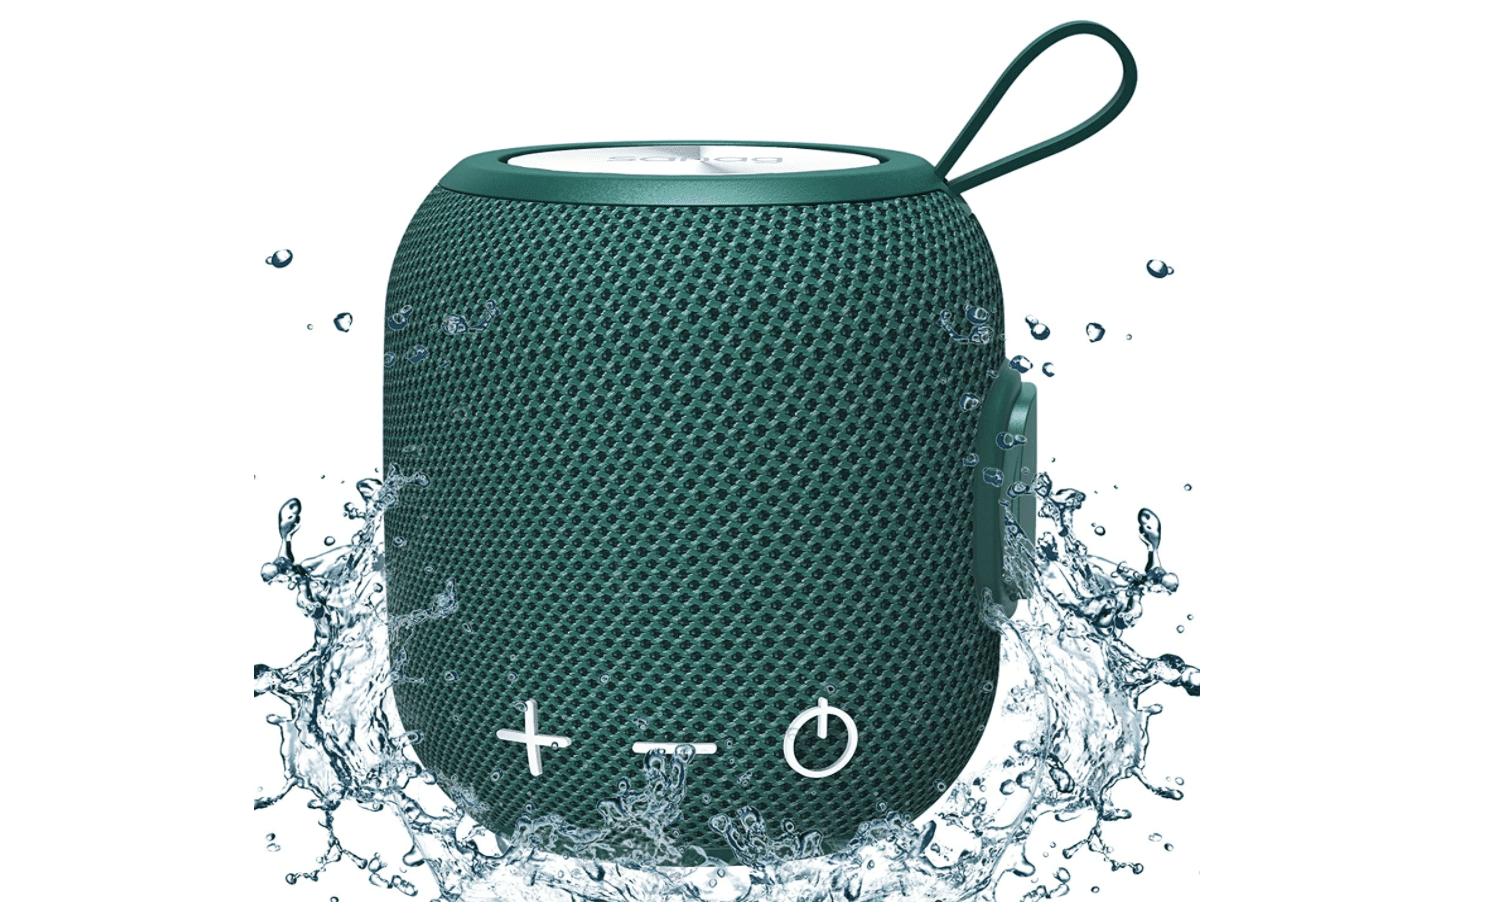 Sanag Portable Bluetooth Speaker